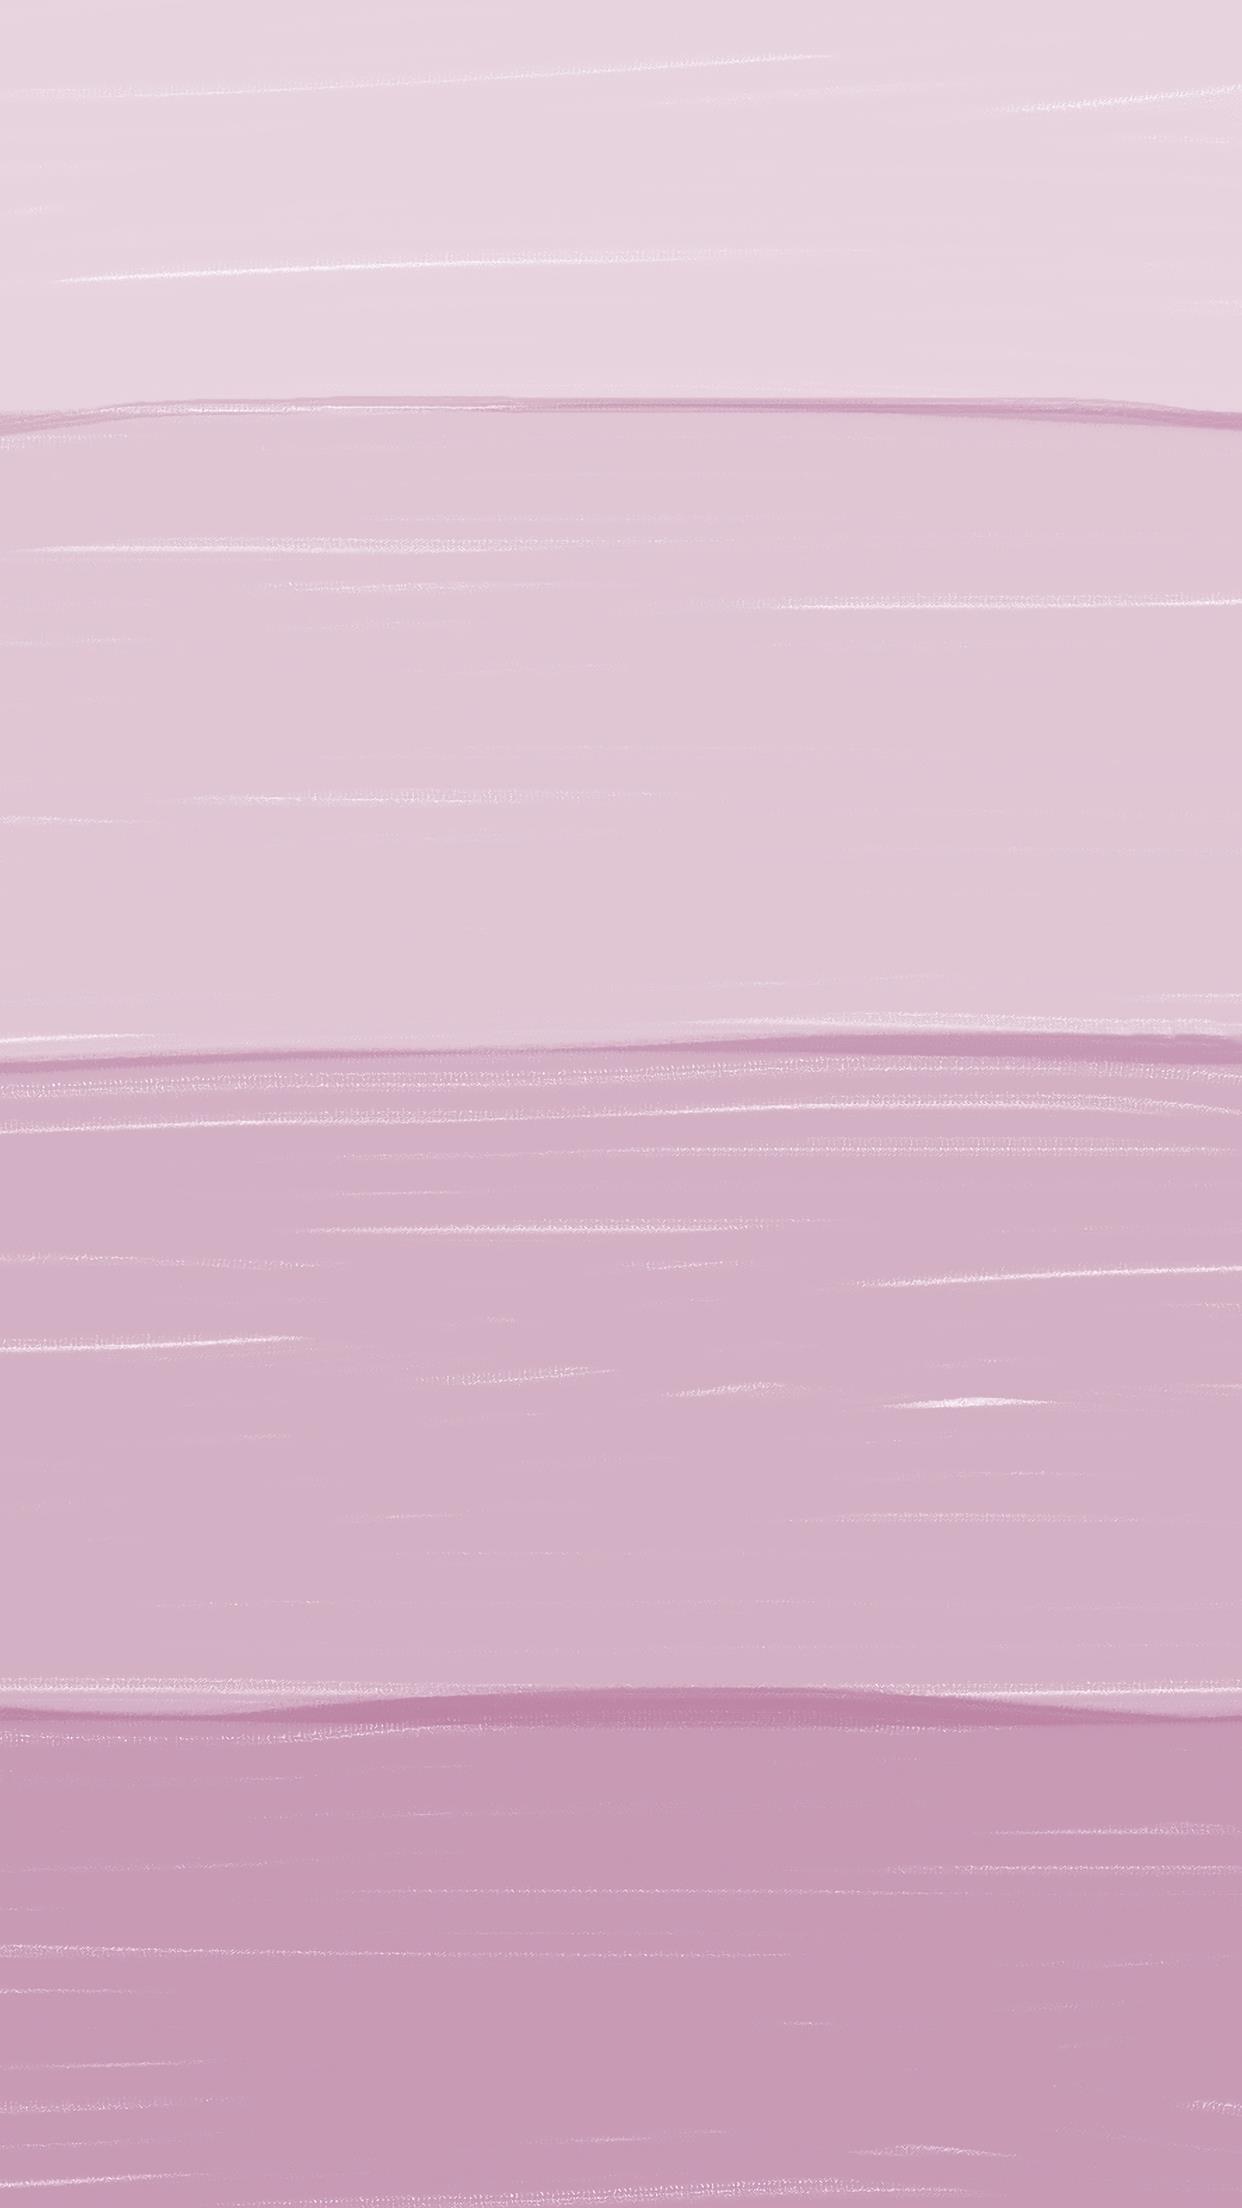 纯色简约渐变背景手机护眼壁纸